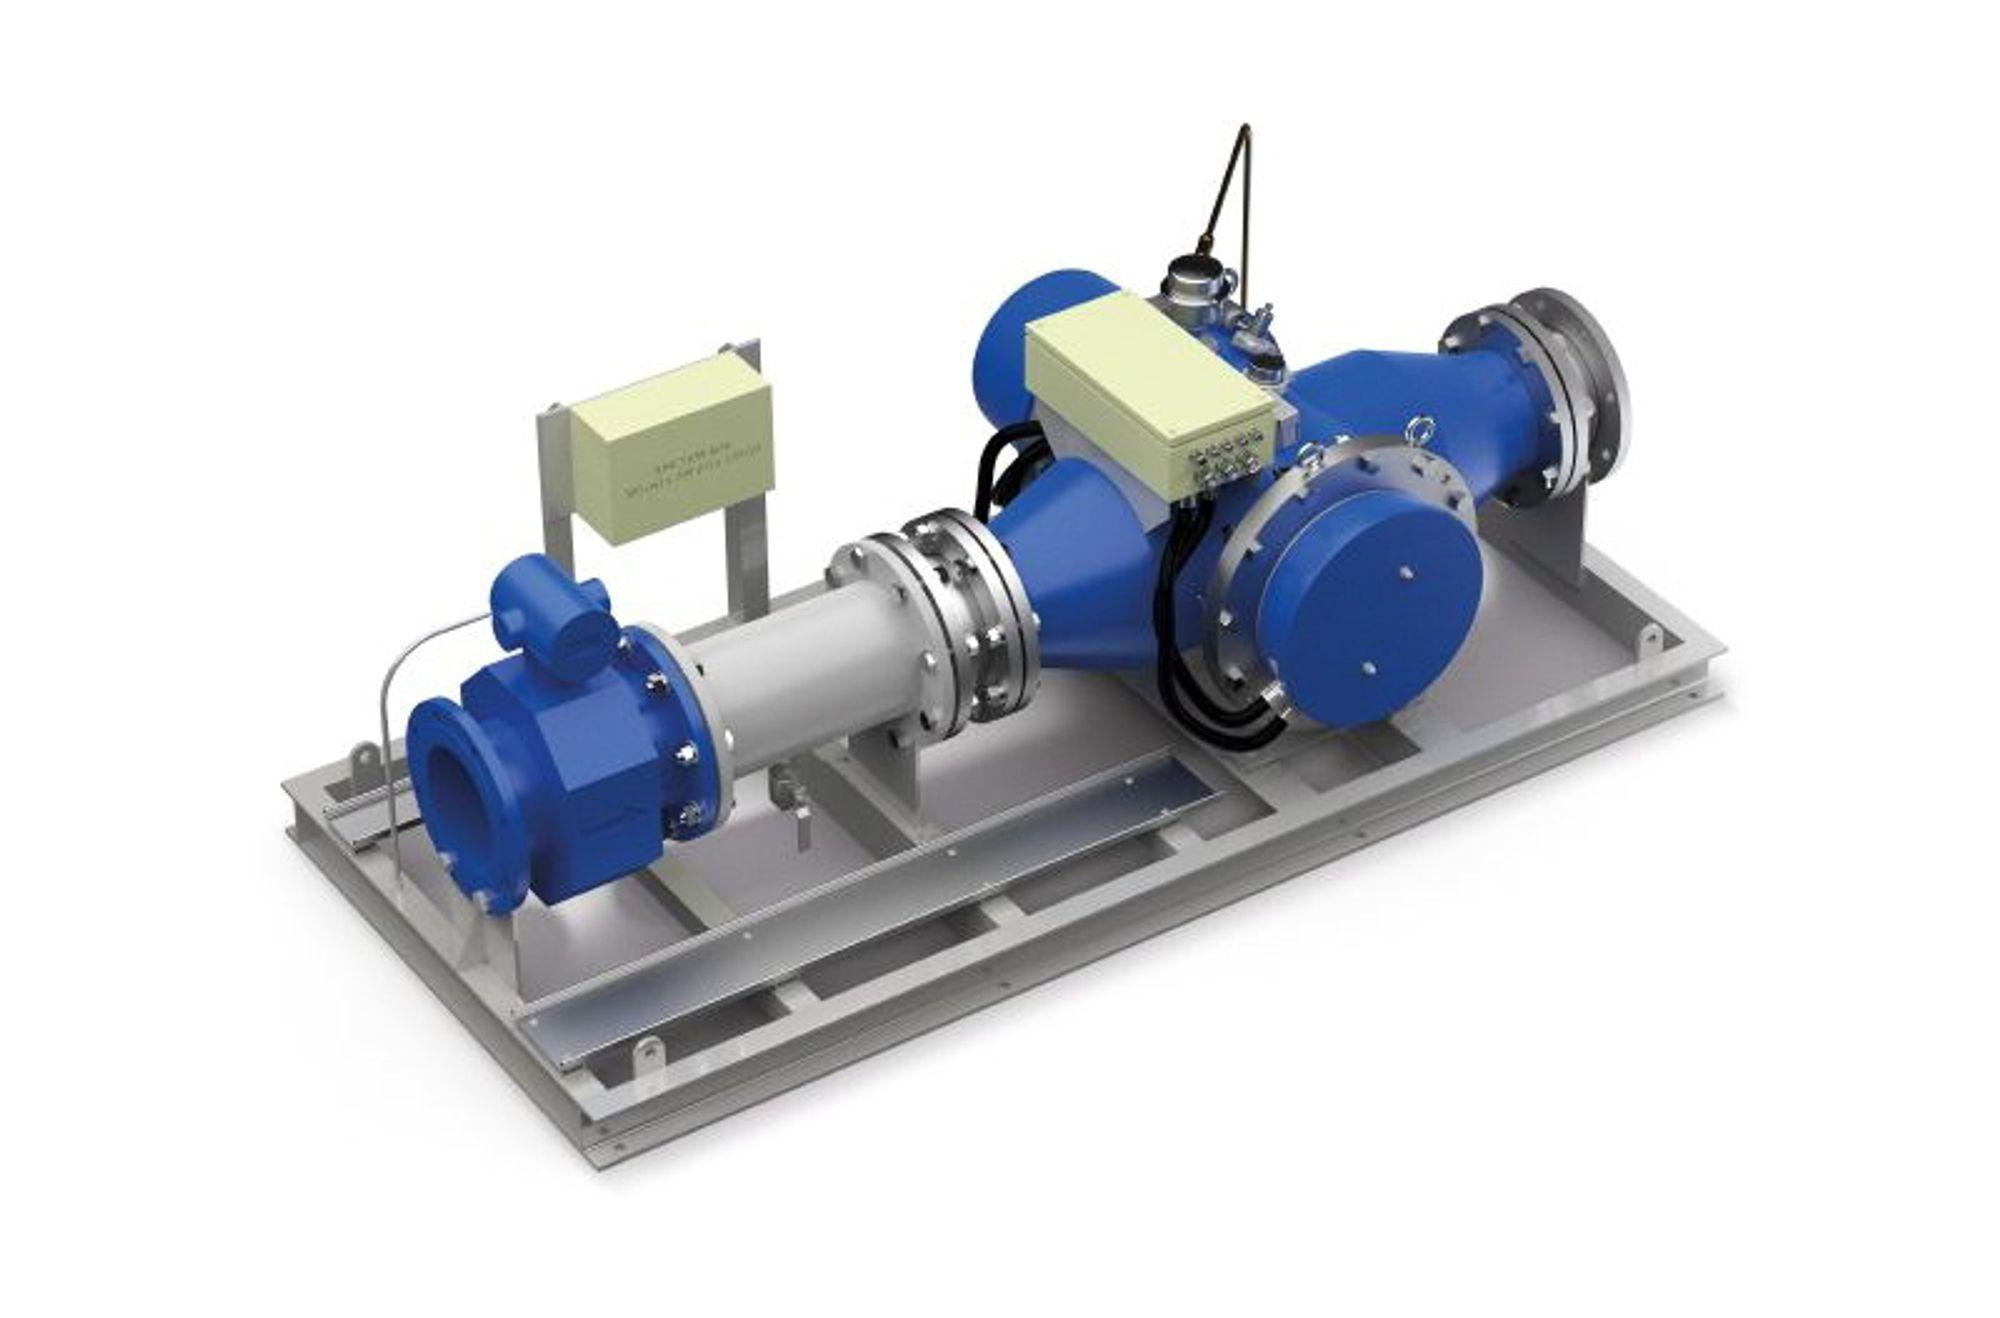 Wartsila skal lever 44 Aquarius UV Ballast Water Treatment System, to til hver av 22 bulkskip som bygges i Kina.  Wärtsilä har 13 standardiserte BWTS-moduler som dekker området 50 m3/h til 1000 m3/h.